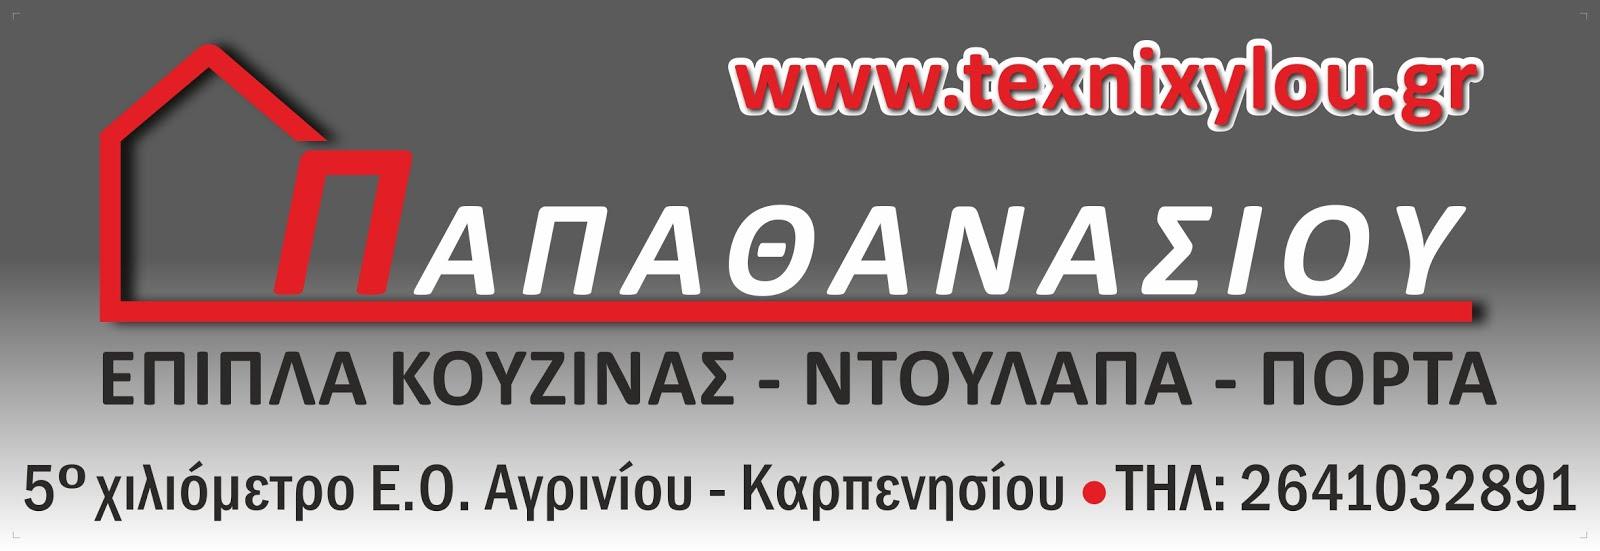 ΠΑΠΑΘΑΝΑΣΙΟΥ